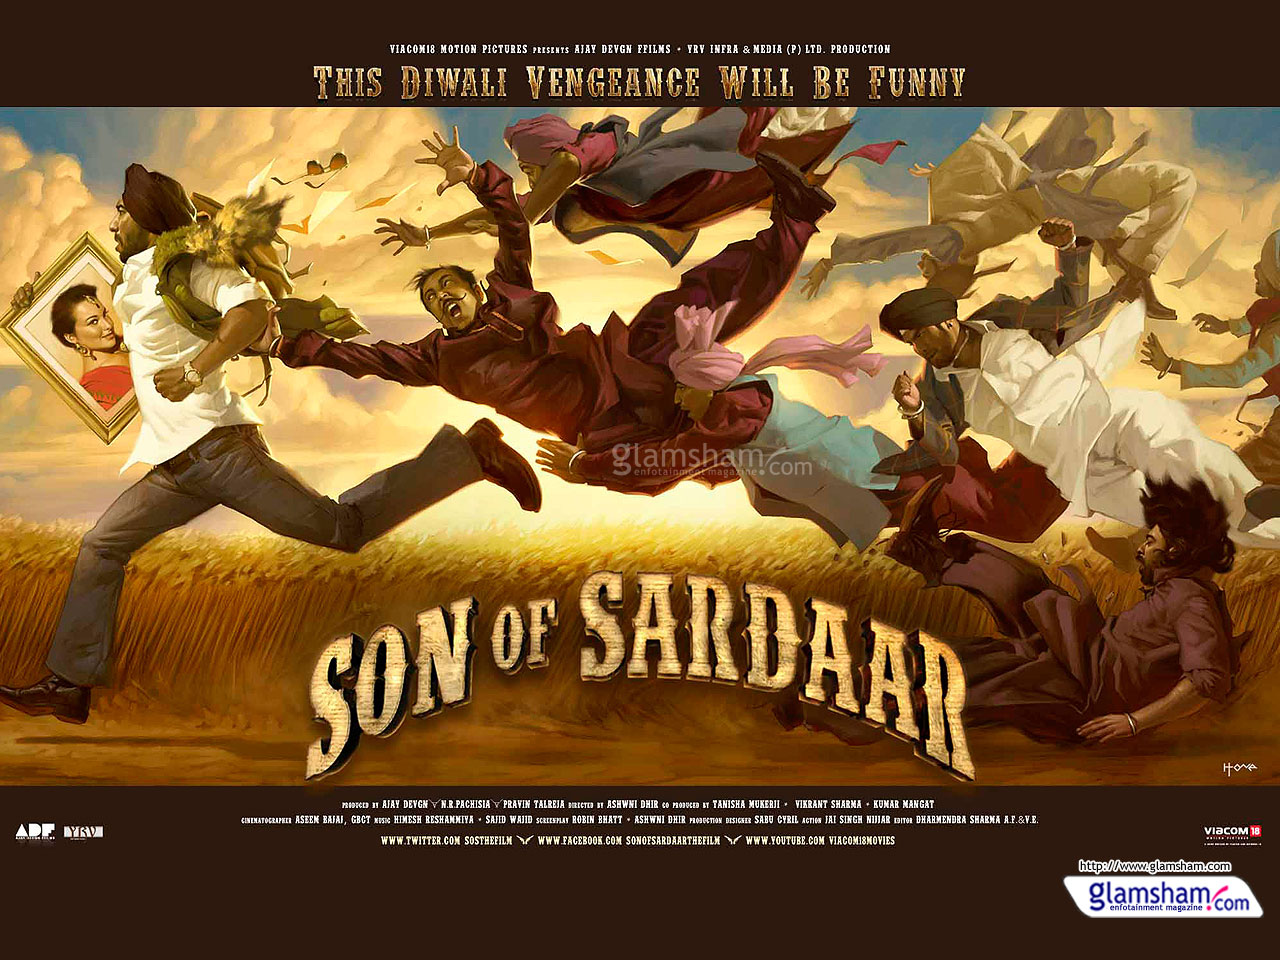 http://4.bp.blogspot.com/-U_Q_54oNWUM/UJp5foLDv8I/AAAAAAAAJys/ORatD0vQtno/s1600/son-of-sardar-wallpaper-04-12x9.jpg